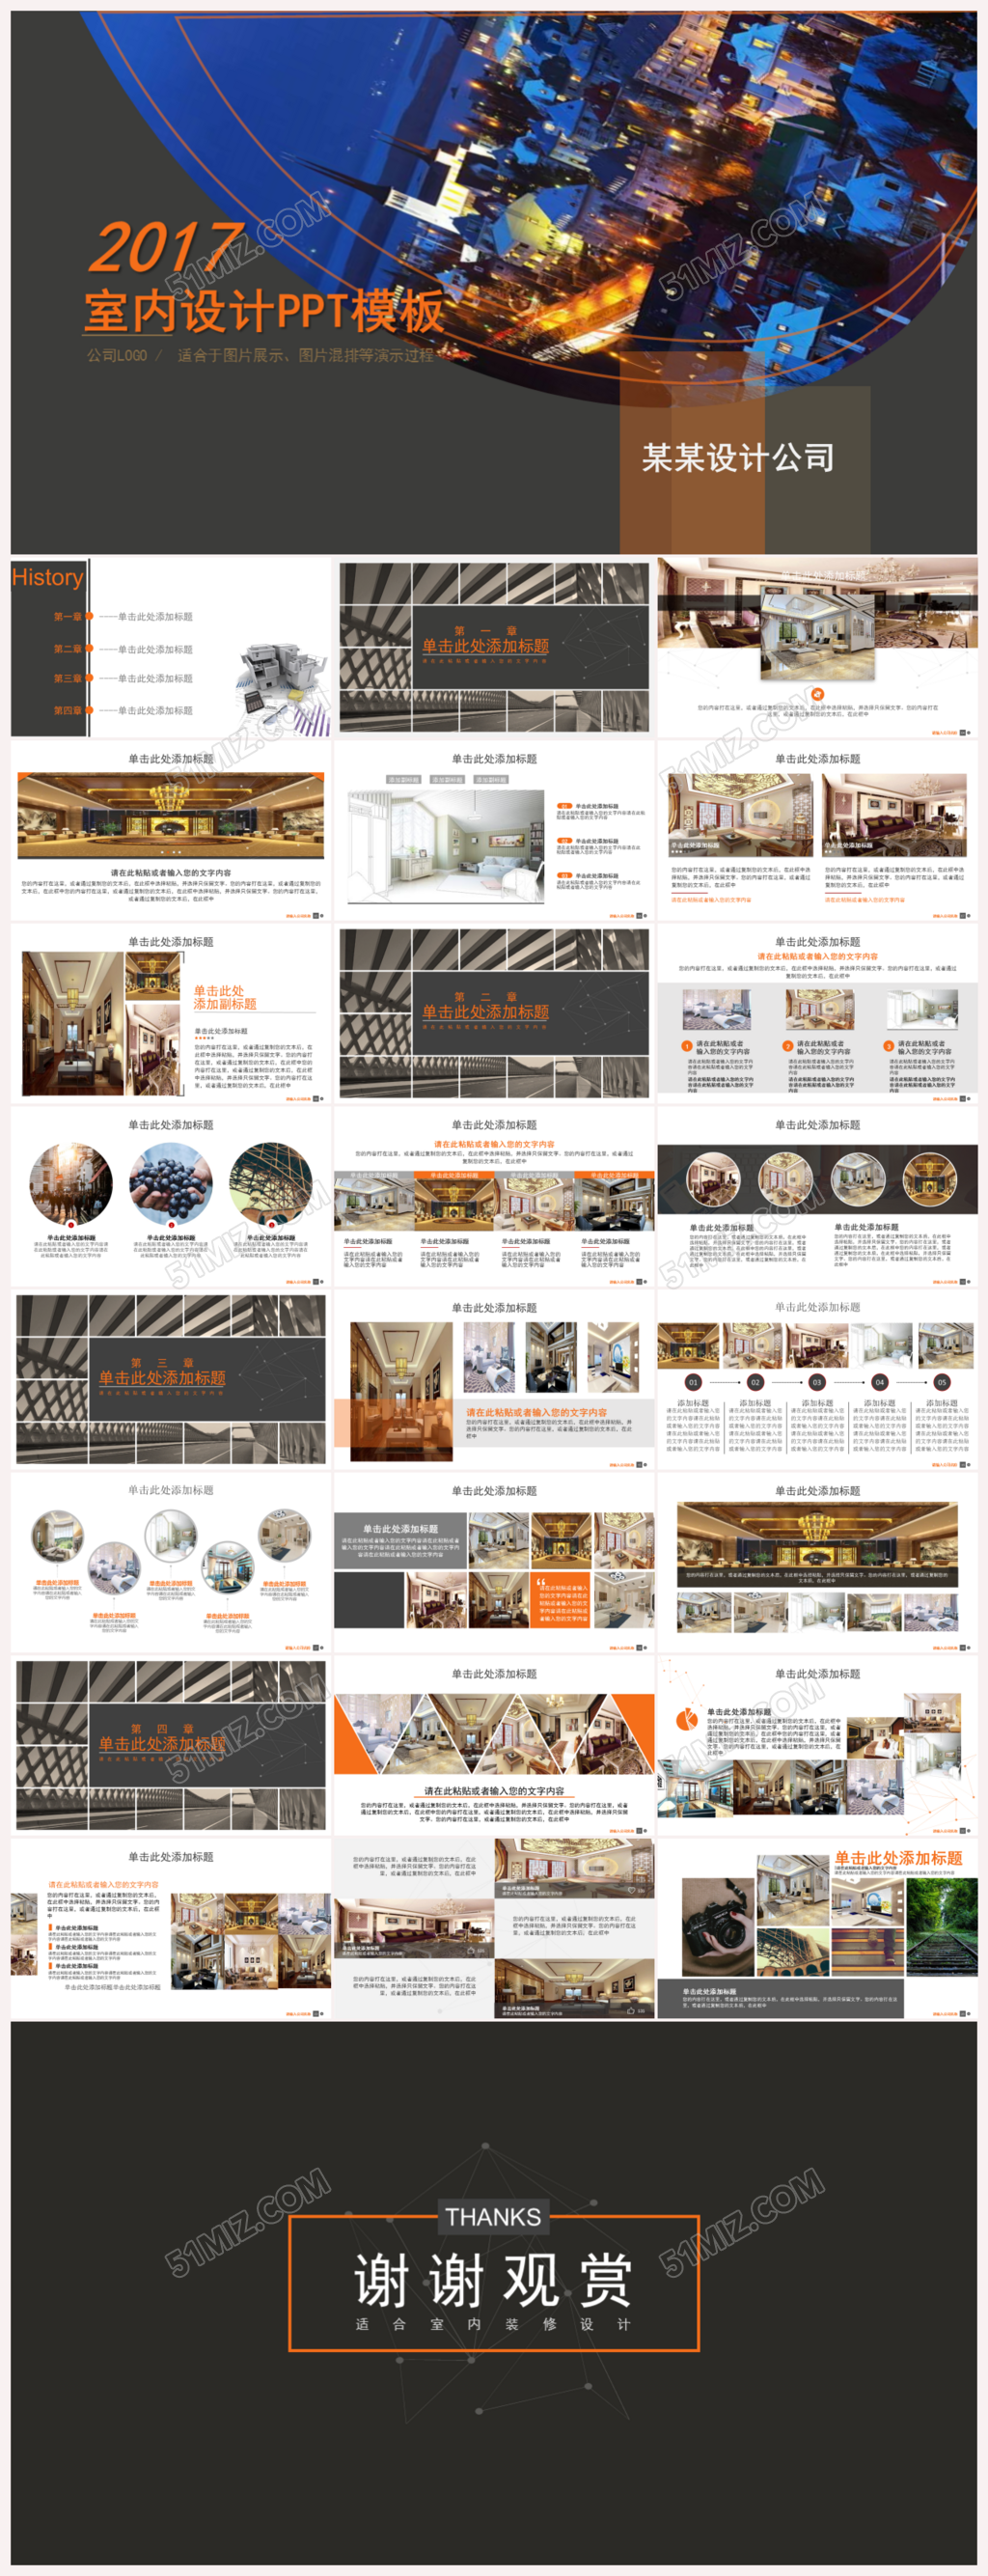 白黑色室内设计案例分析PPT下载河北省民用建筑v黑色标准图片